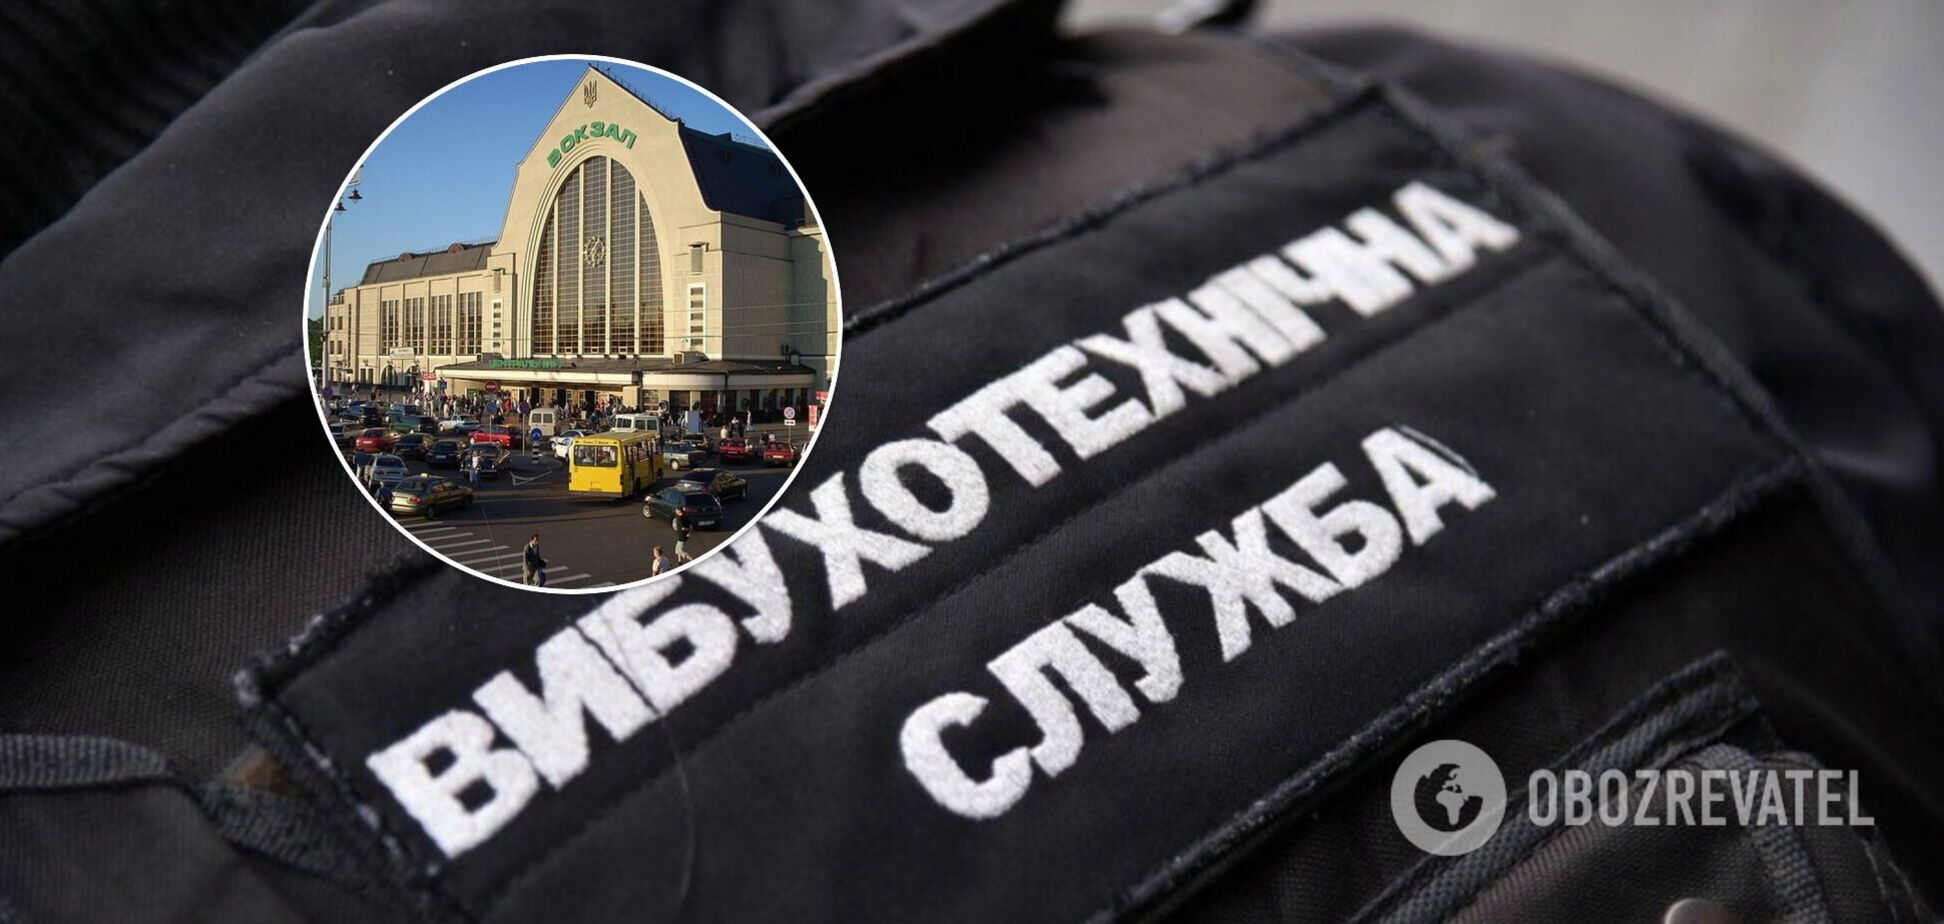 У Києві анонім заявив про мінування залізничного вокзалу